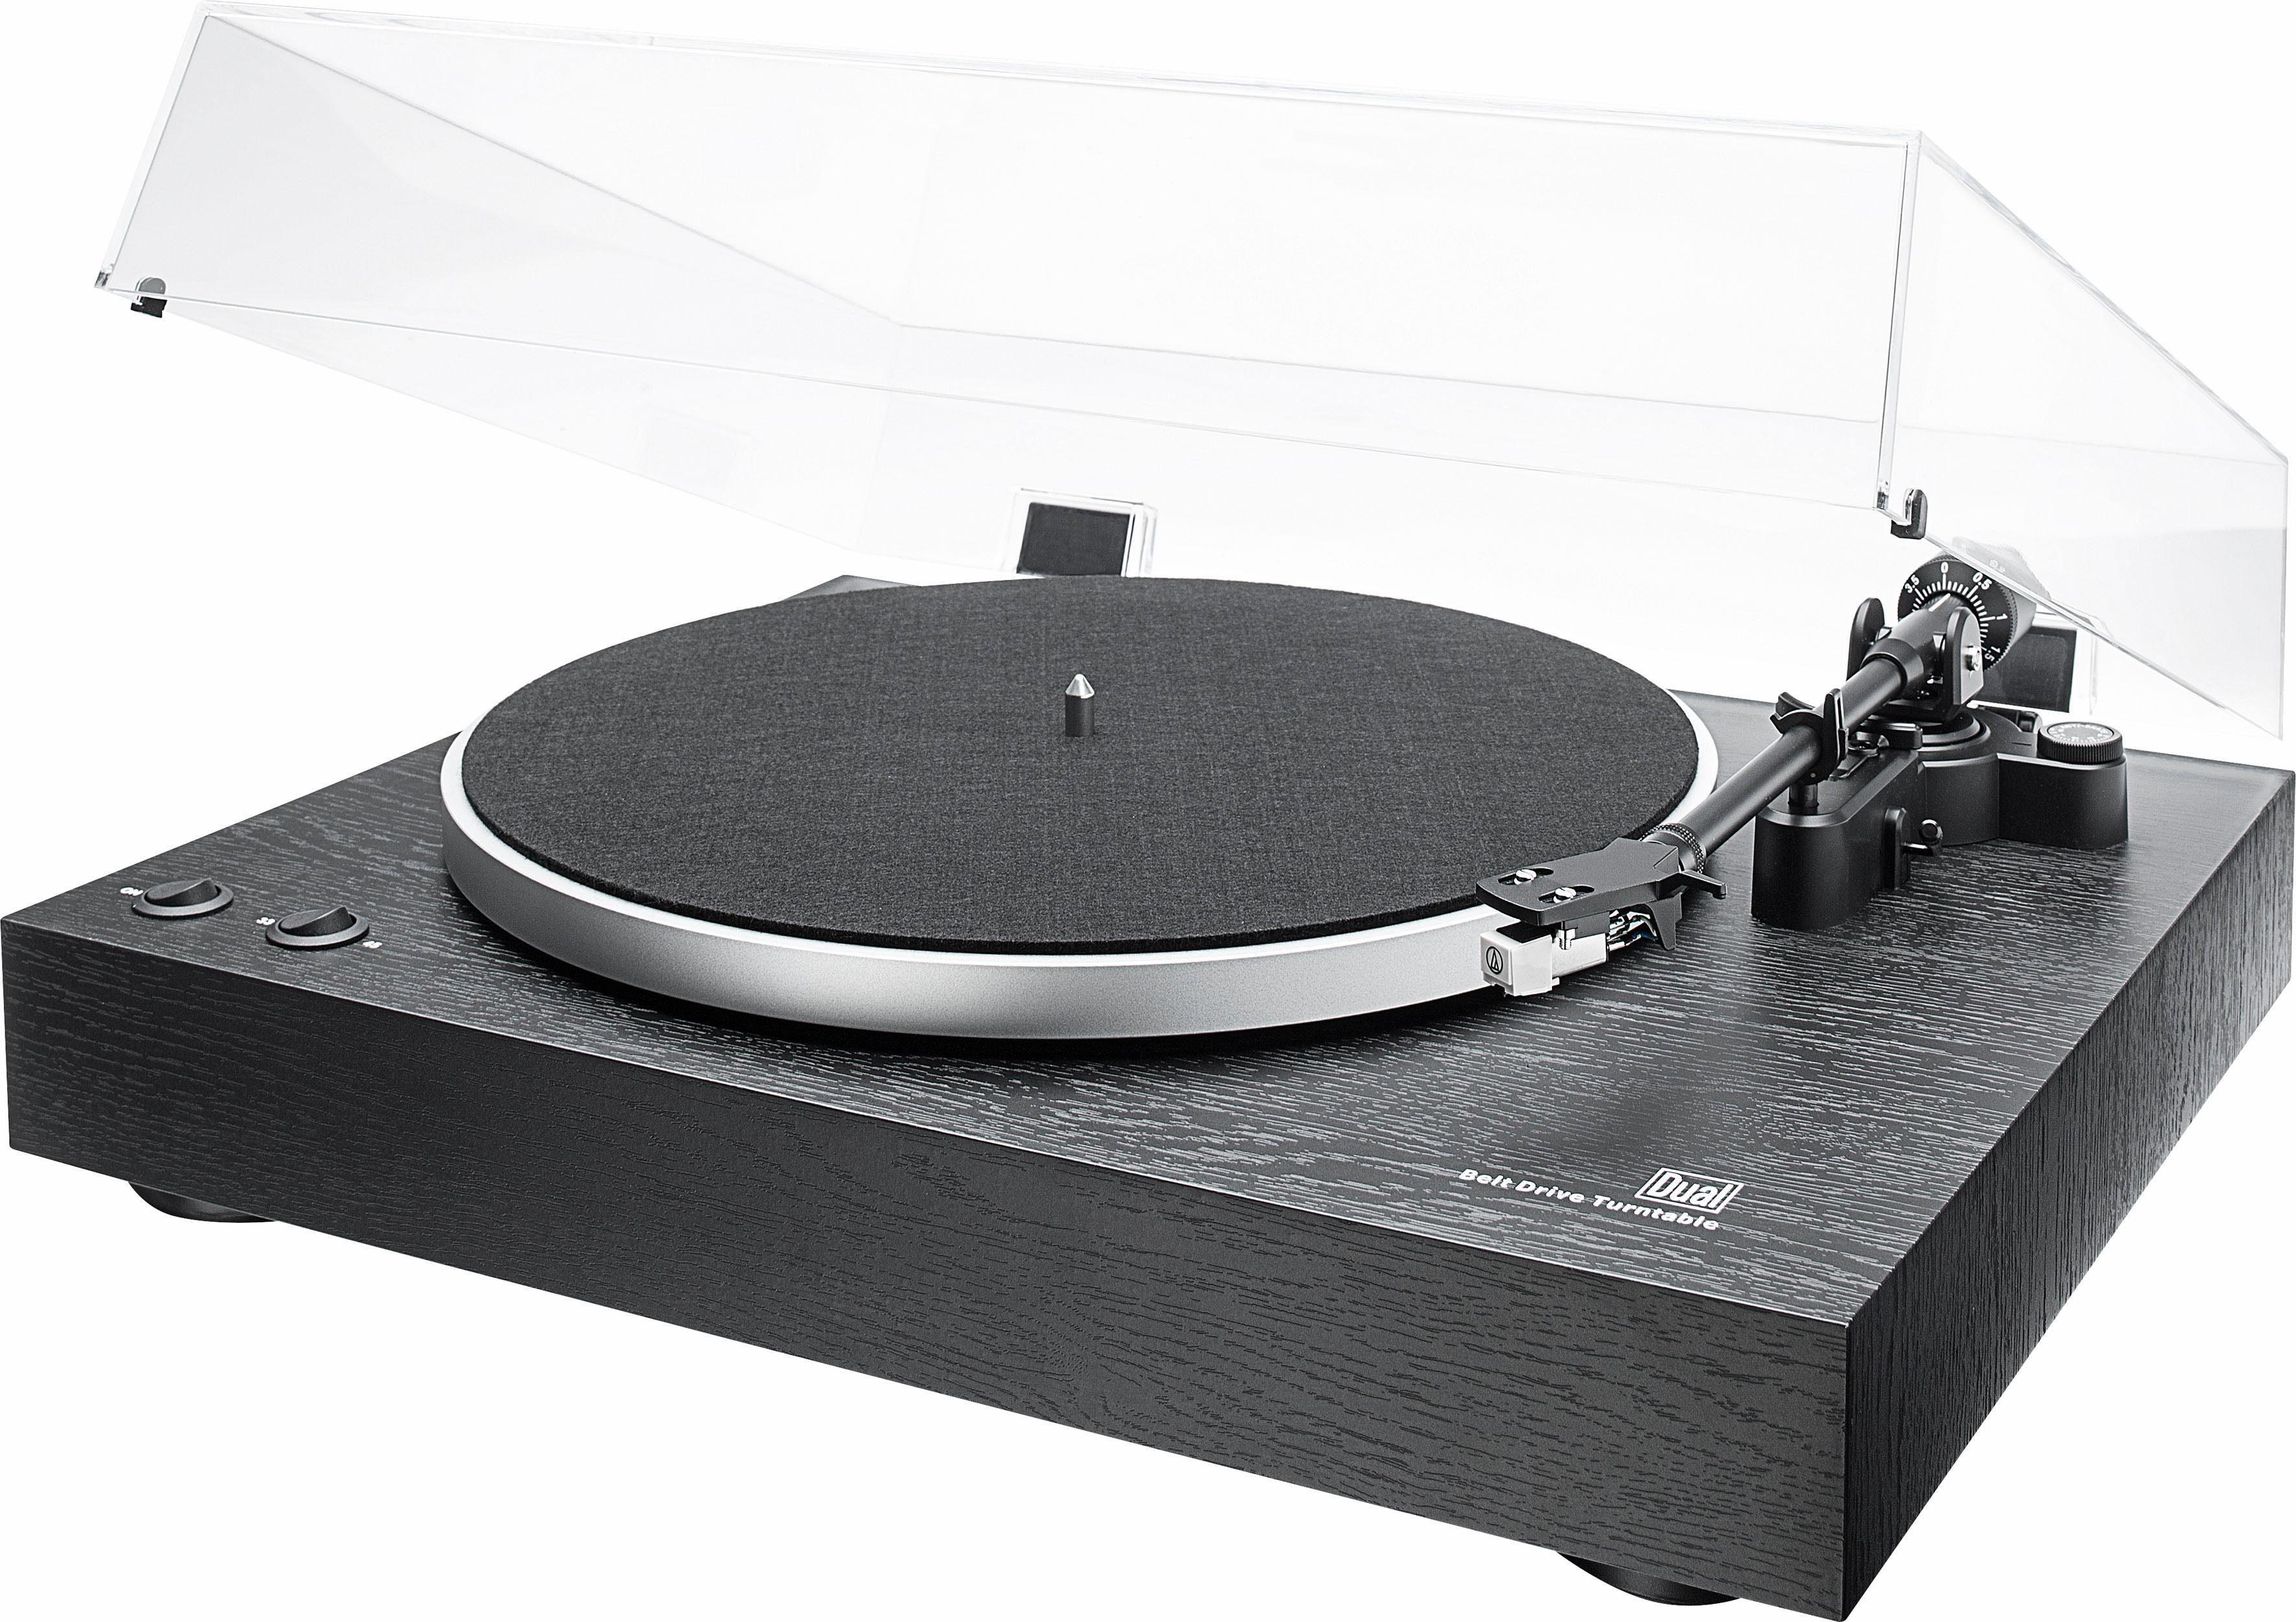 Dual DT 450 Plattenspieler